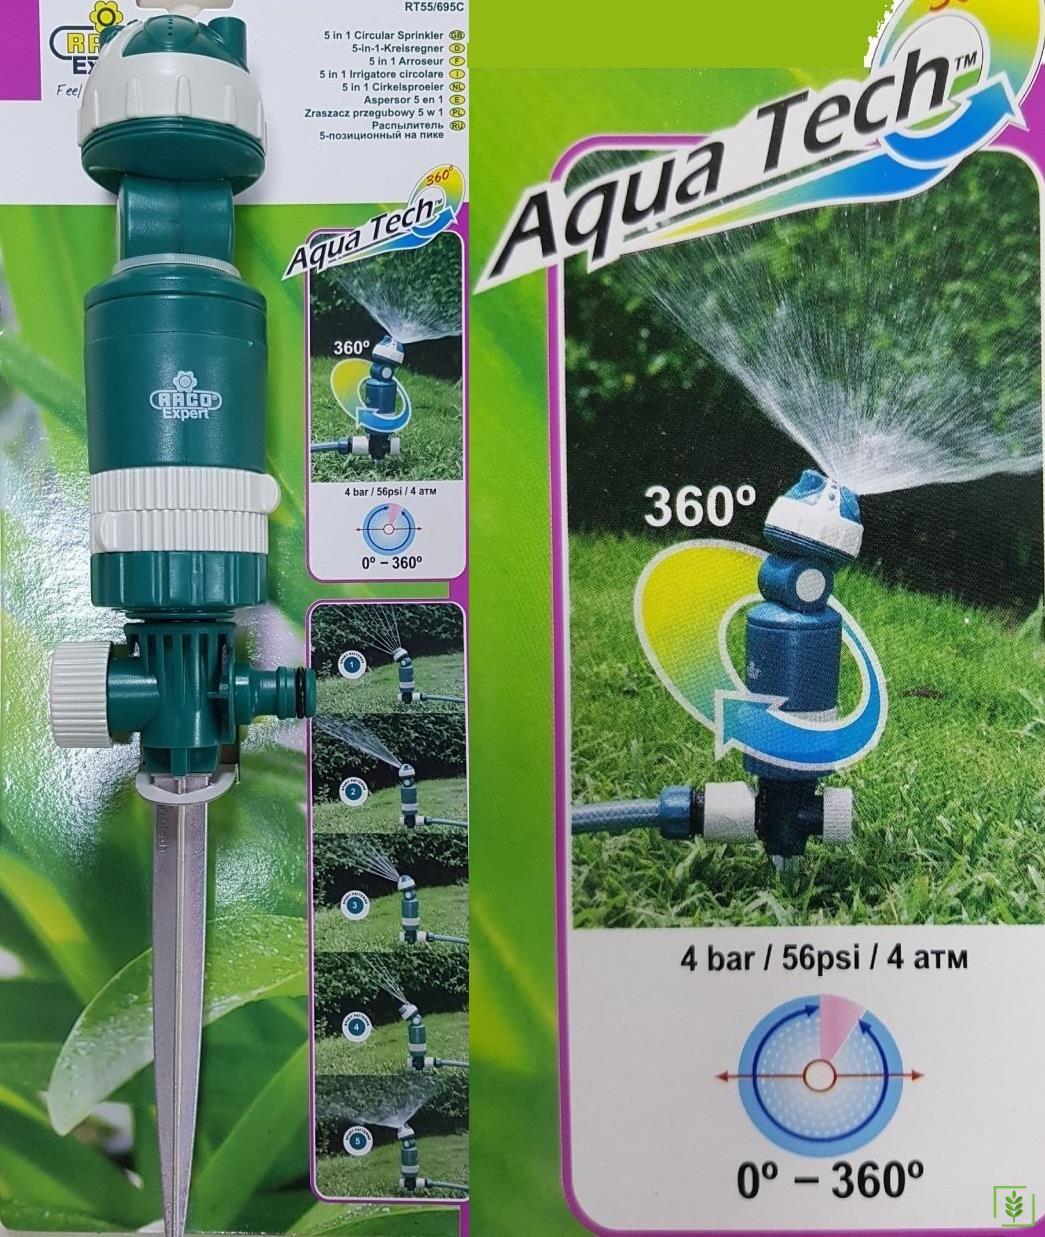 Raco Expert 55695  Aquatech 5 Fonksiyonlu Fıskiye